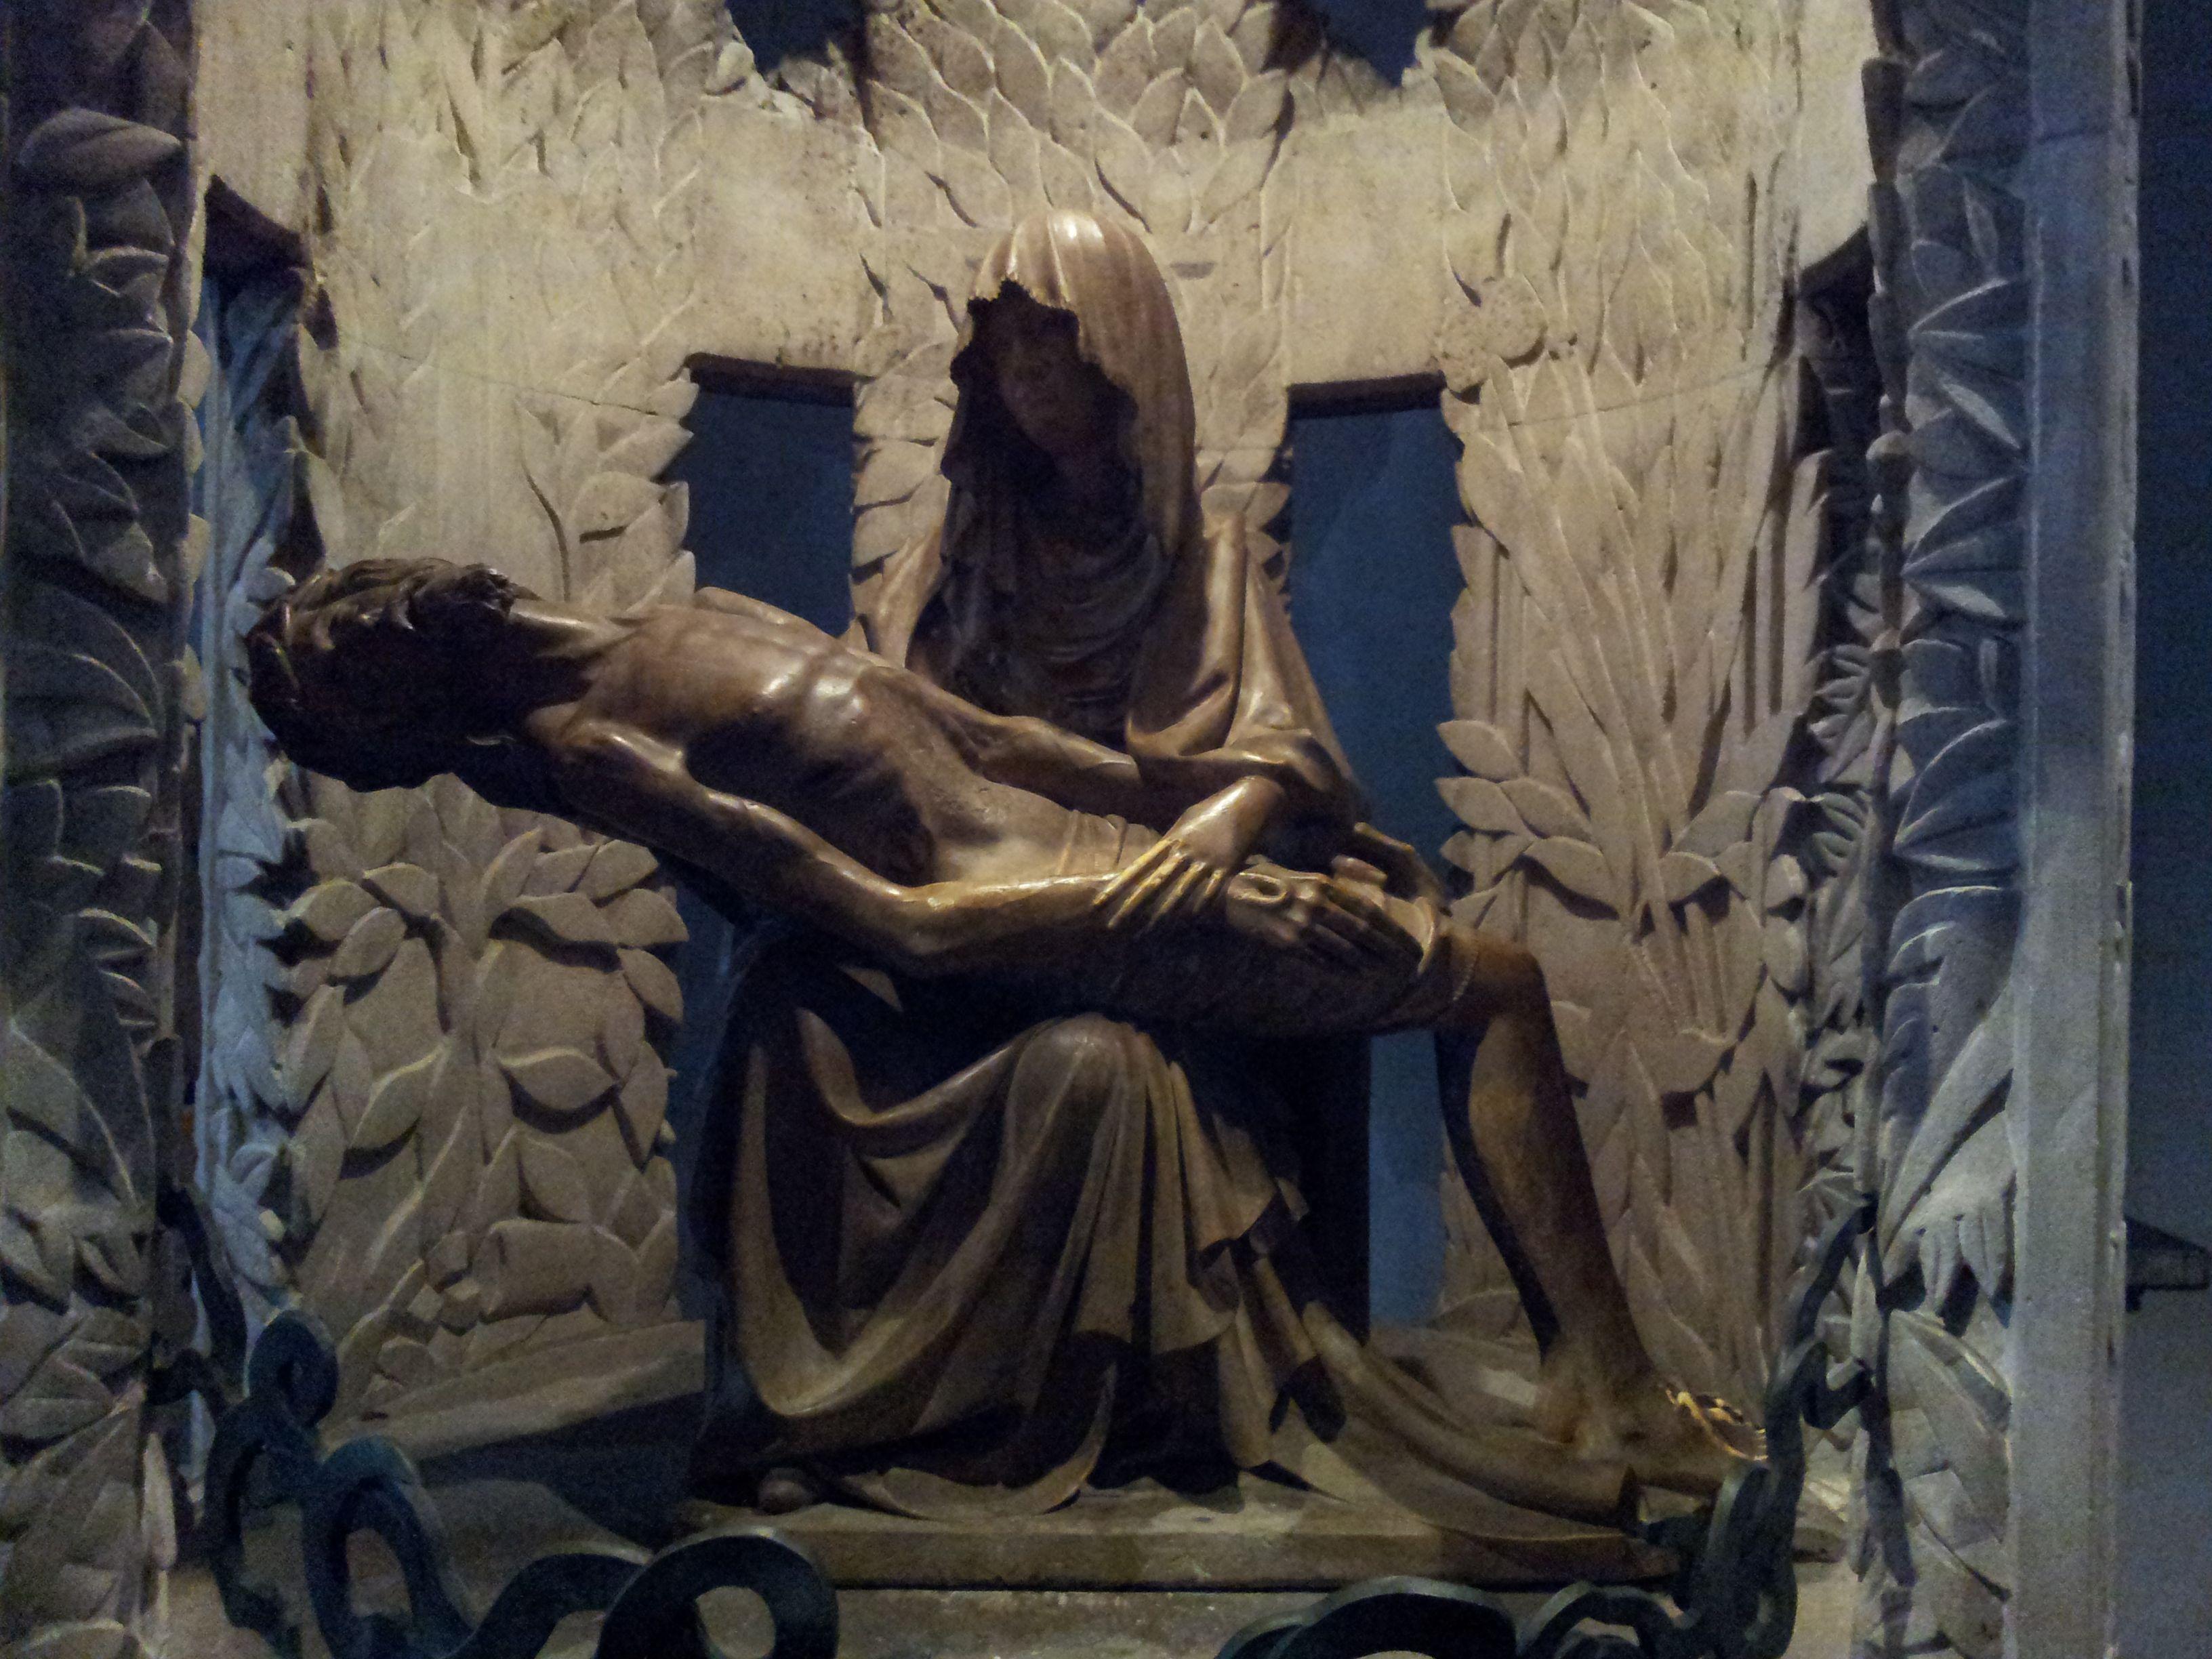 Pietà in the Lamberti church, Düsseldorf